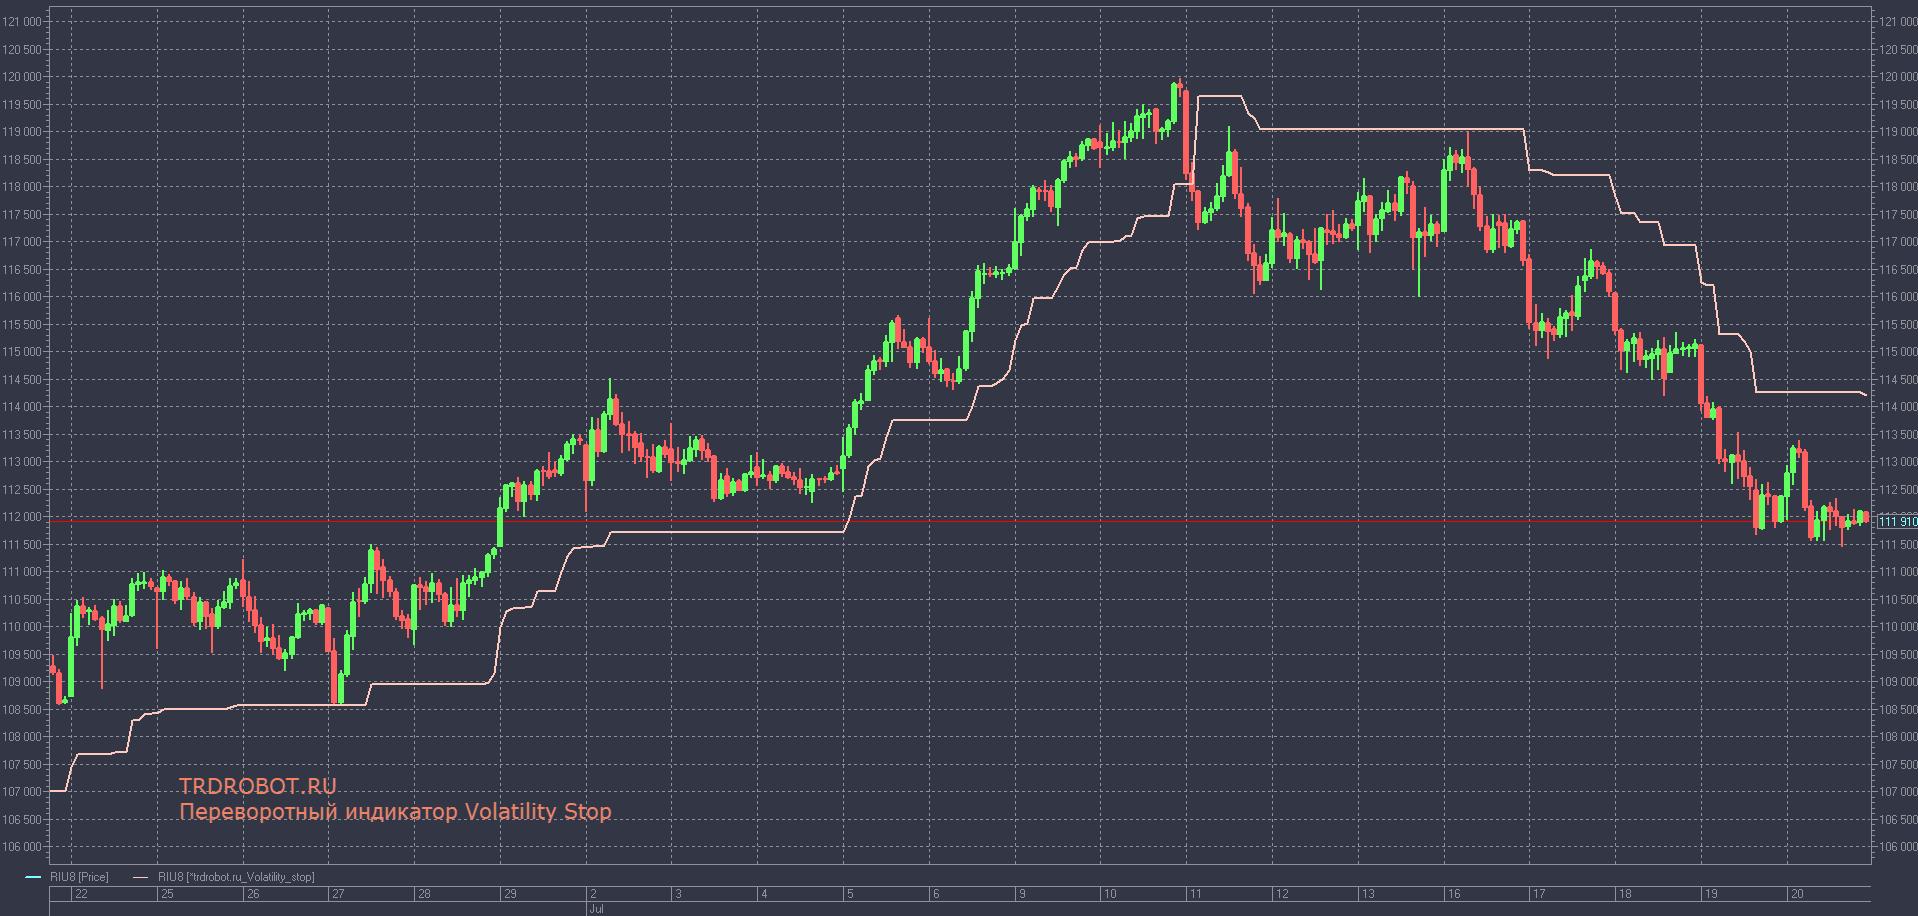 Переворотный индикатор Volatility Stop для QUIK